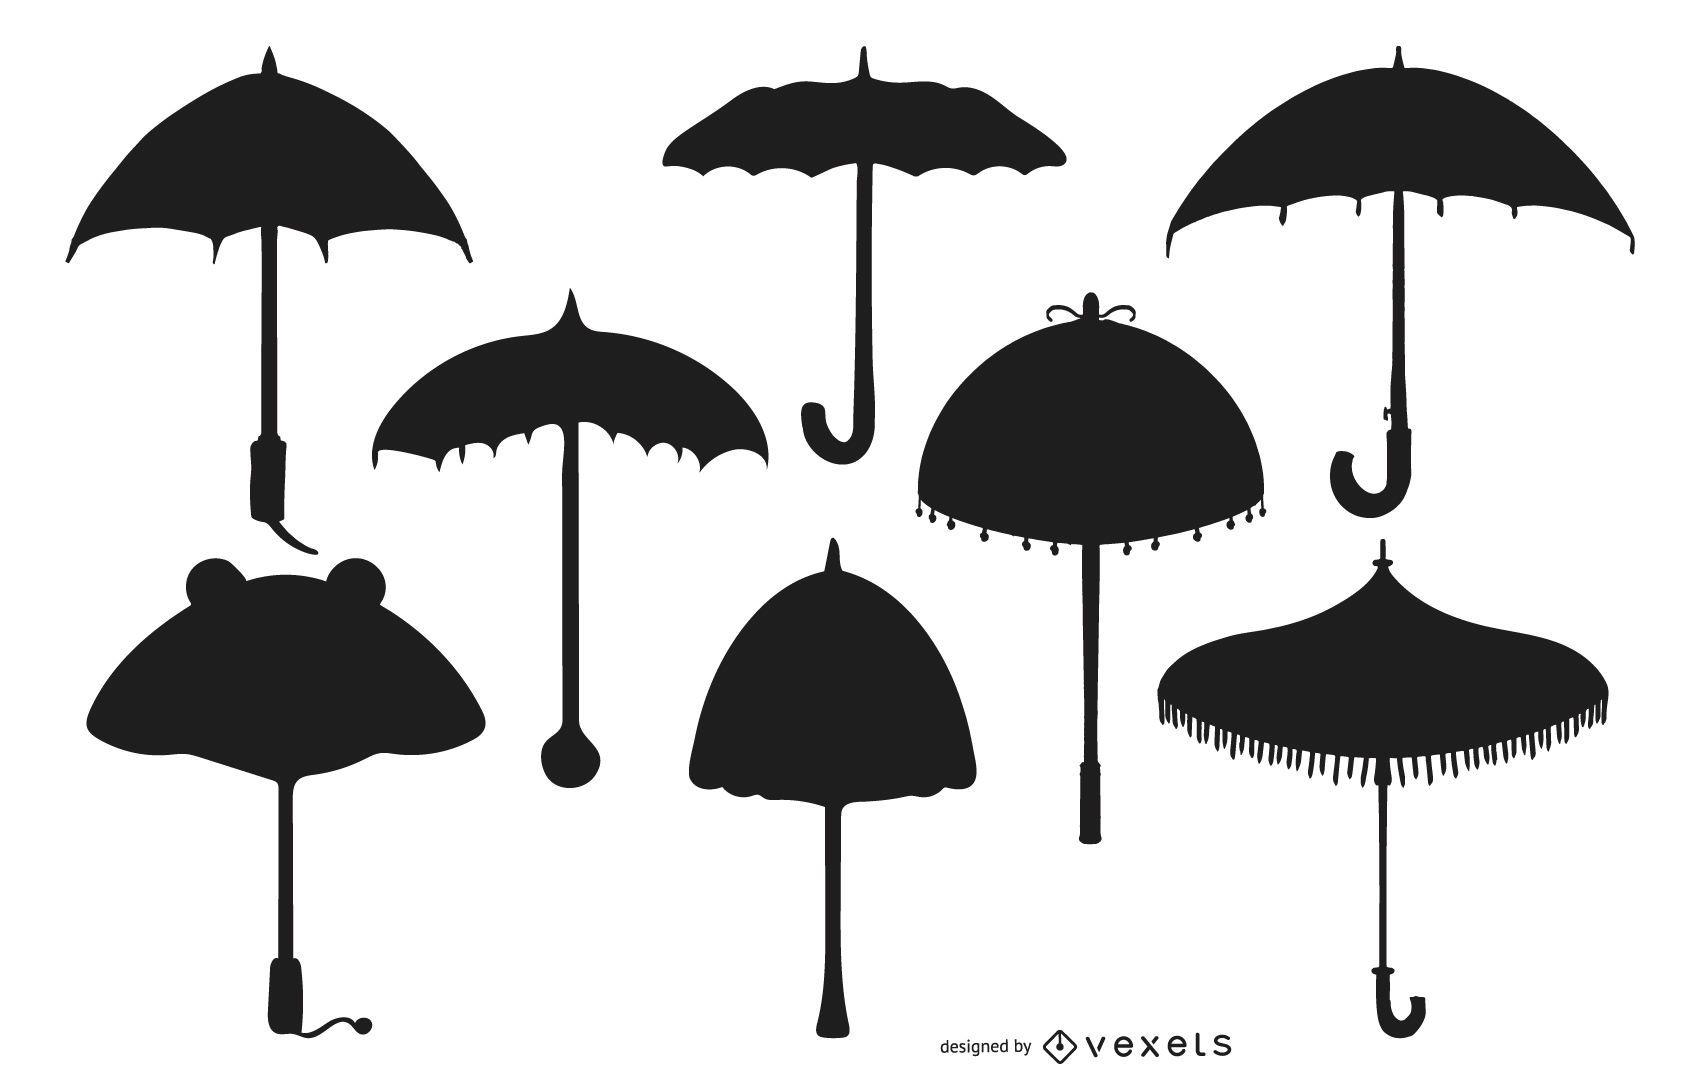 Umbrella Silhouette Design Set